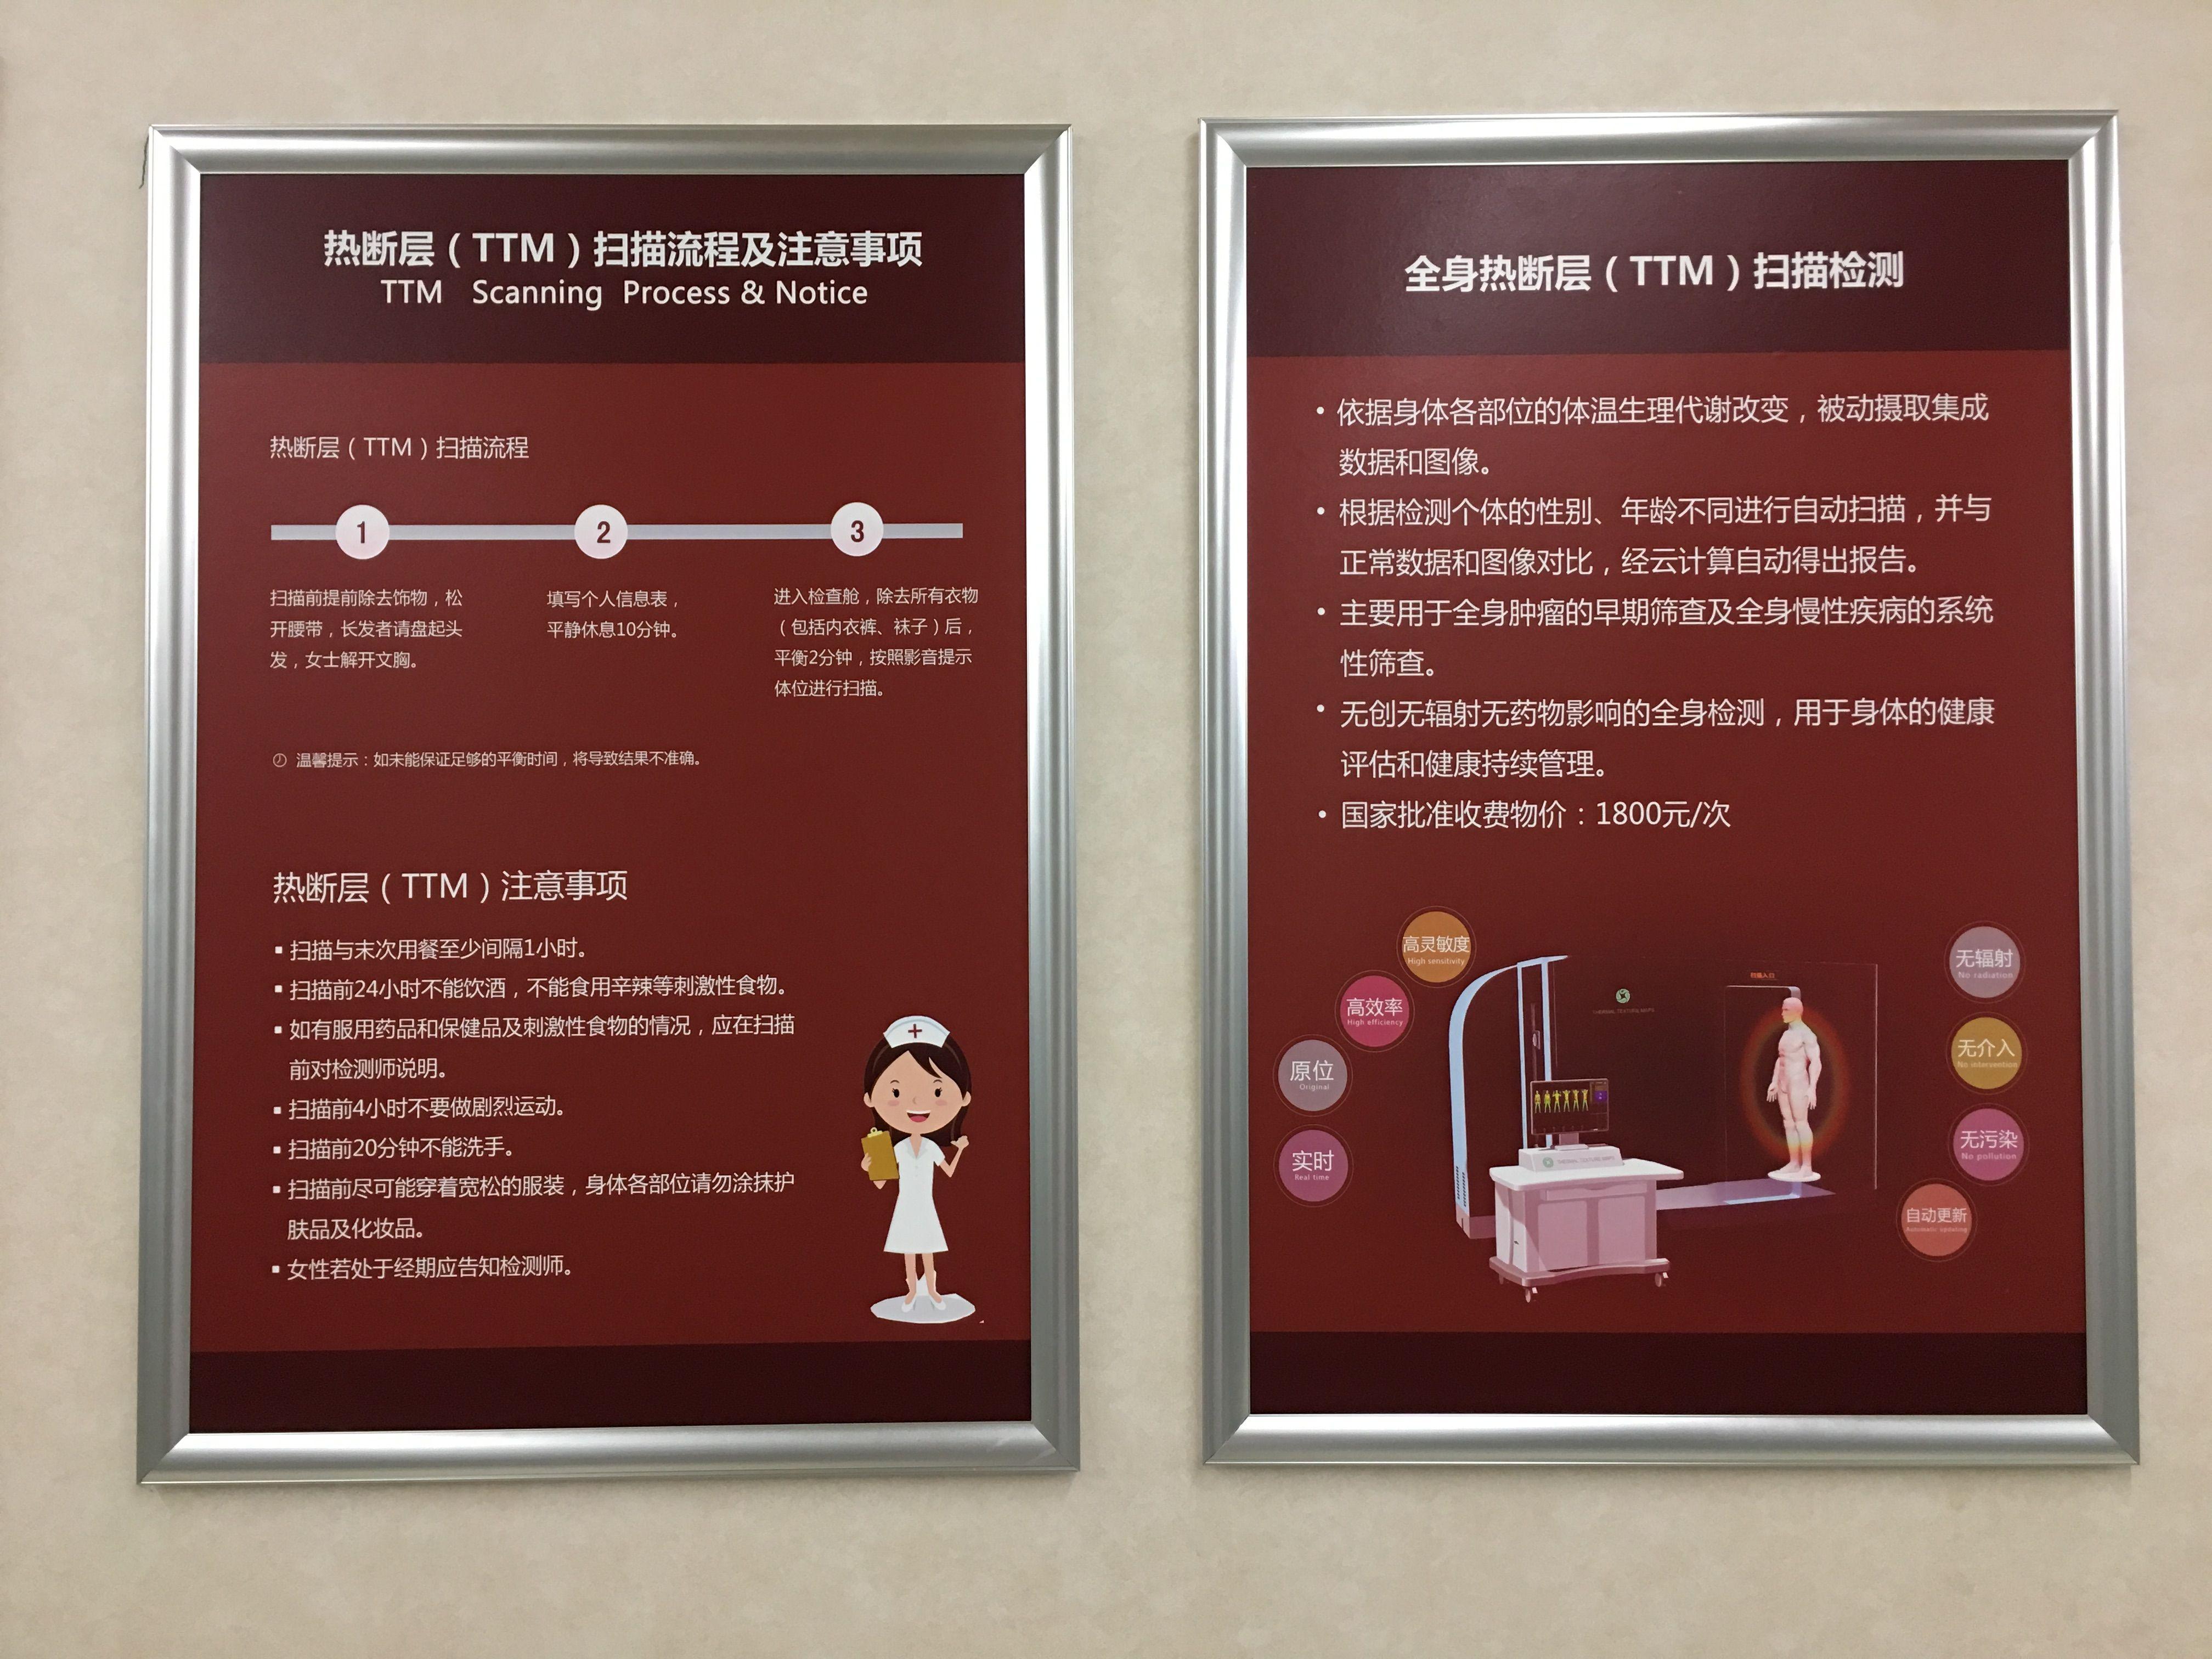 北京中日友好医院健康体检中心